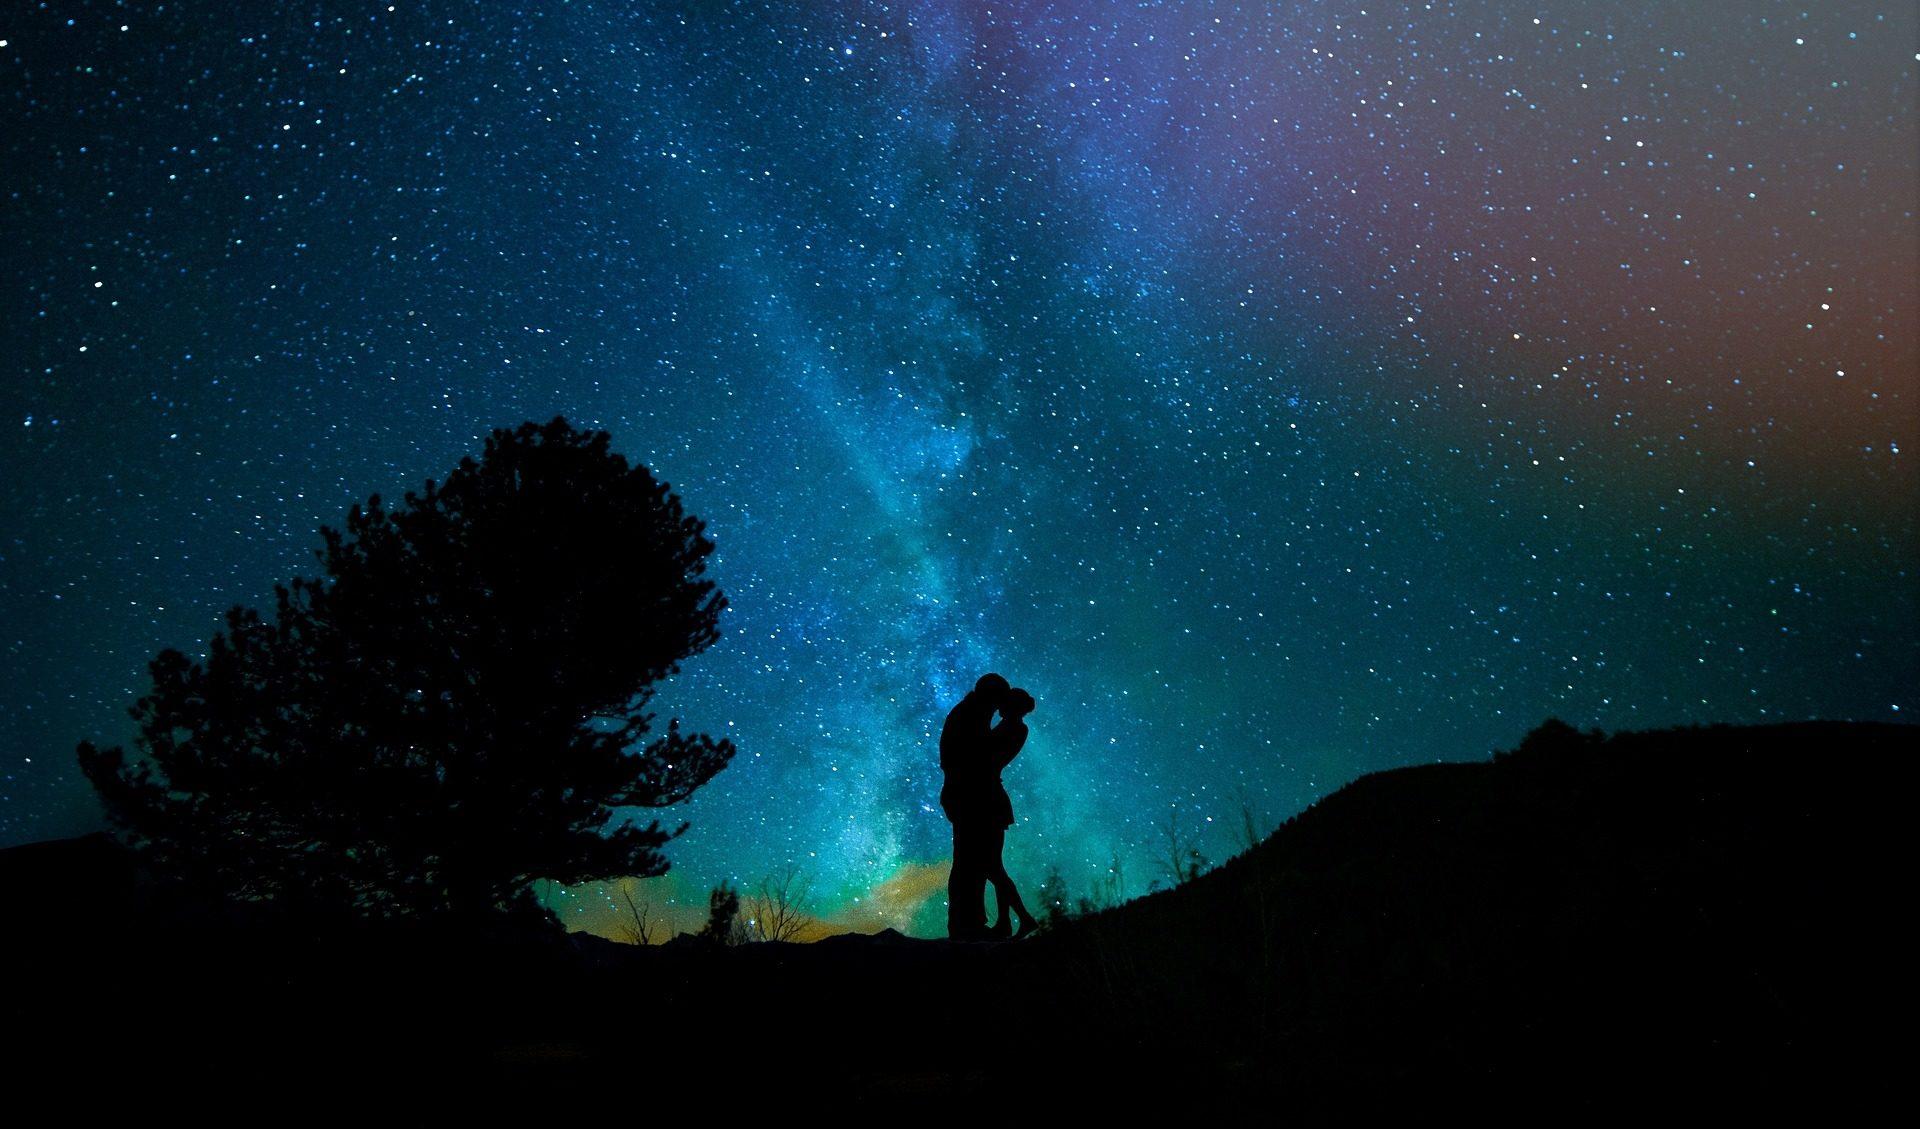 天空, 晚上, 恋人, 星级, 树 - 高清壁纸 - 教授-falken.com